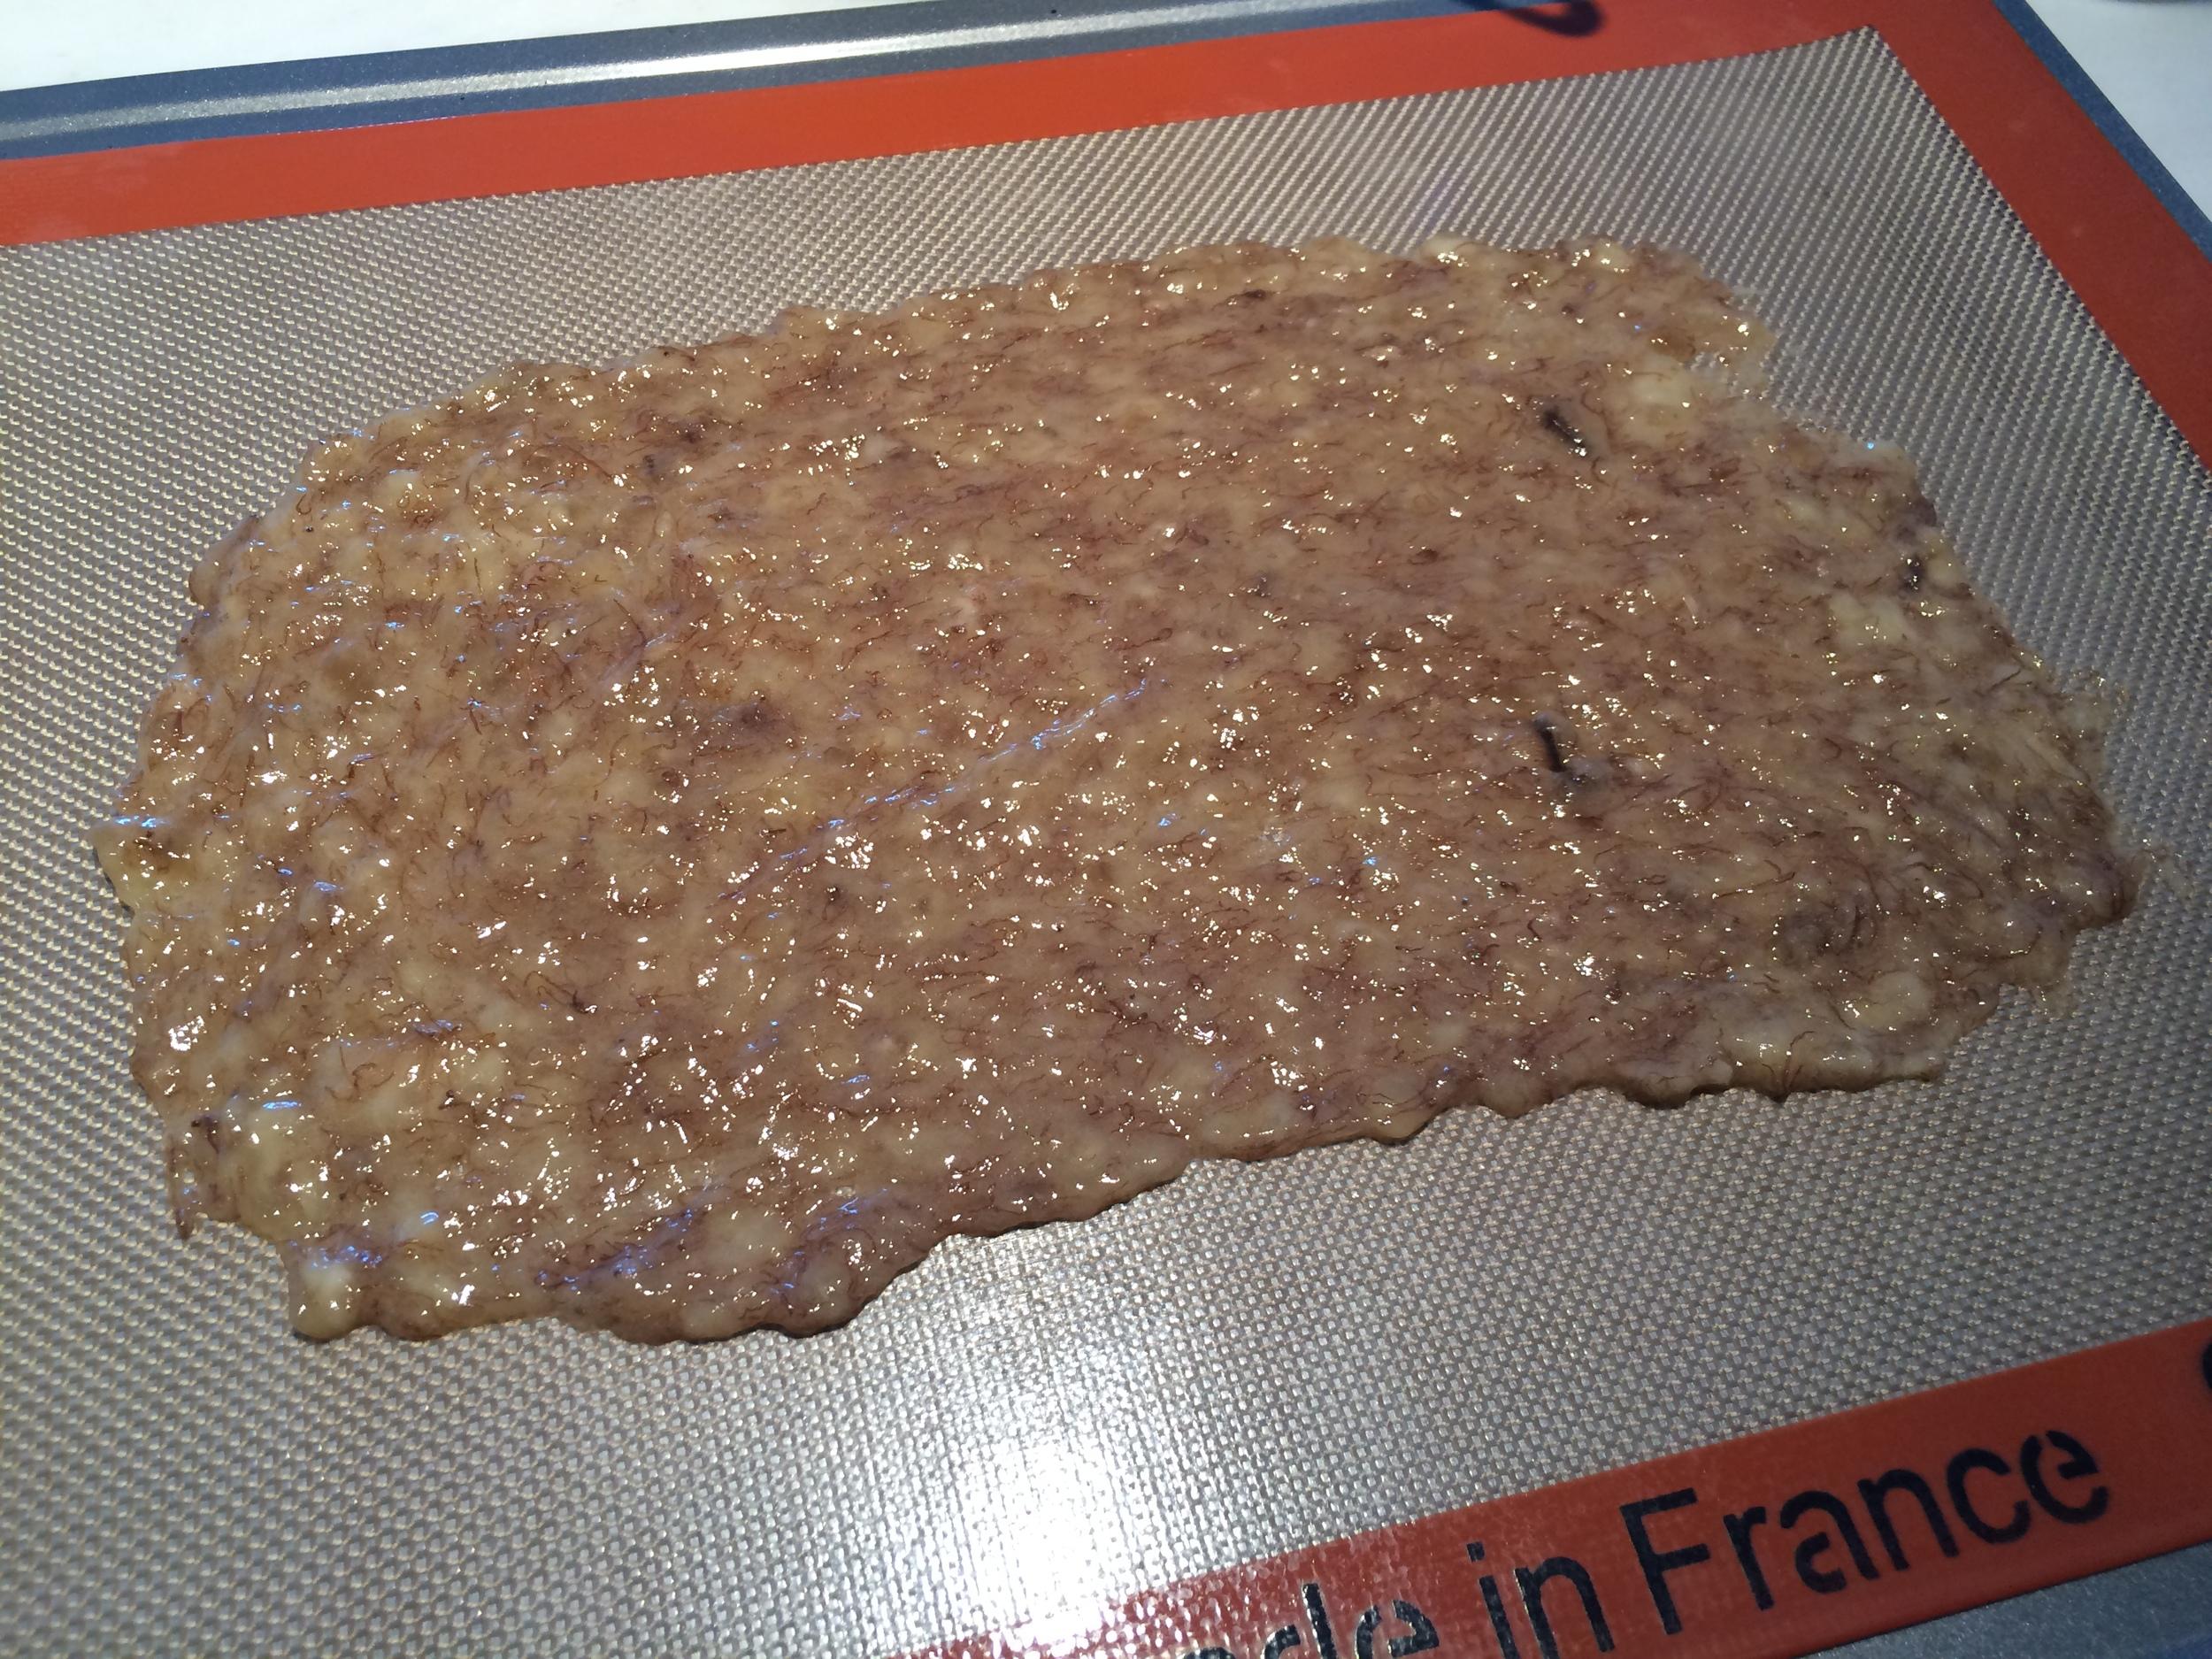 Amasse a banana com um garfo. Destrua qualquer grumo de banana que houver, tornando-a uma pasta lisa. Espalhe-a, com a ajuda de um pão-duro, em um tapete de silicone, até que fique com a espessura de 1 mm. Leve ao forno pré-aquecido a 80 graus Celsius e acompanhe de meia em meia hora. No meu forno, elétrico e muito preciso, levei pouco mais de 3 horas para conseguir o resultado desejado. Num forno à gás pode ser que este tempo seja maior.